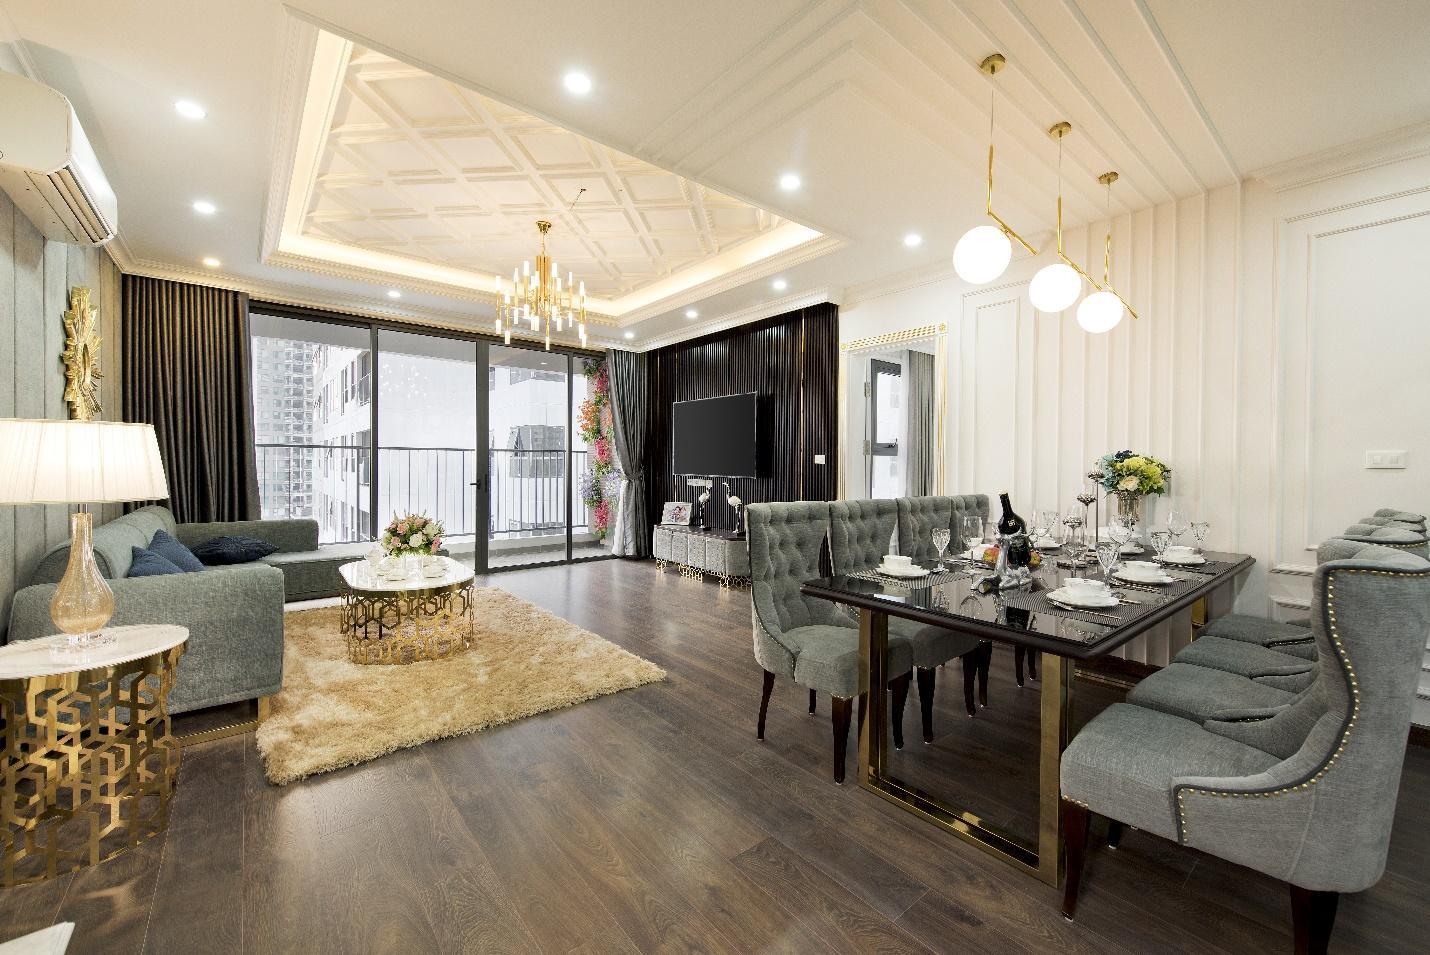 Gợi ý chọn mua căn hộ cao cấp cho người thành đạt - Ảnh 3